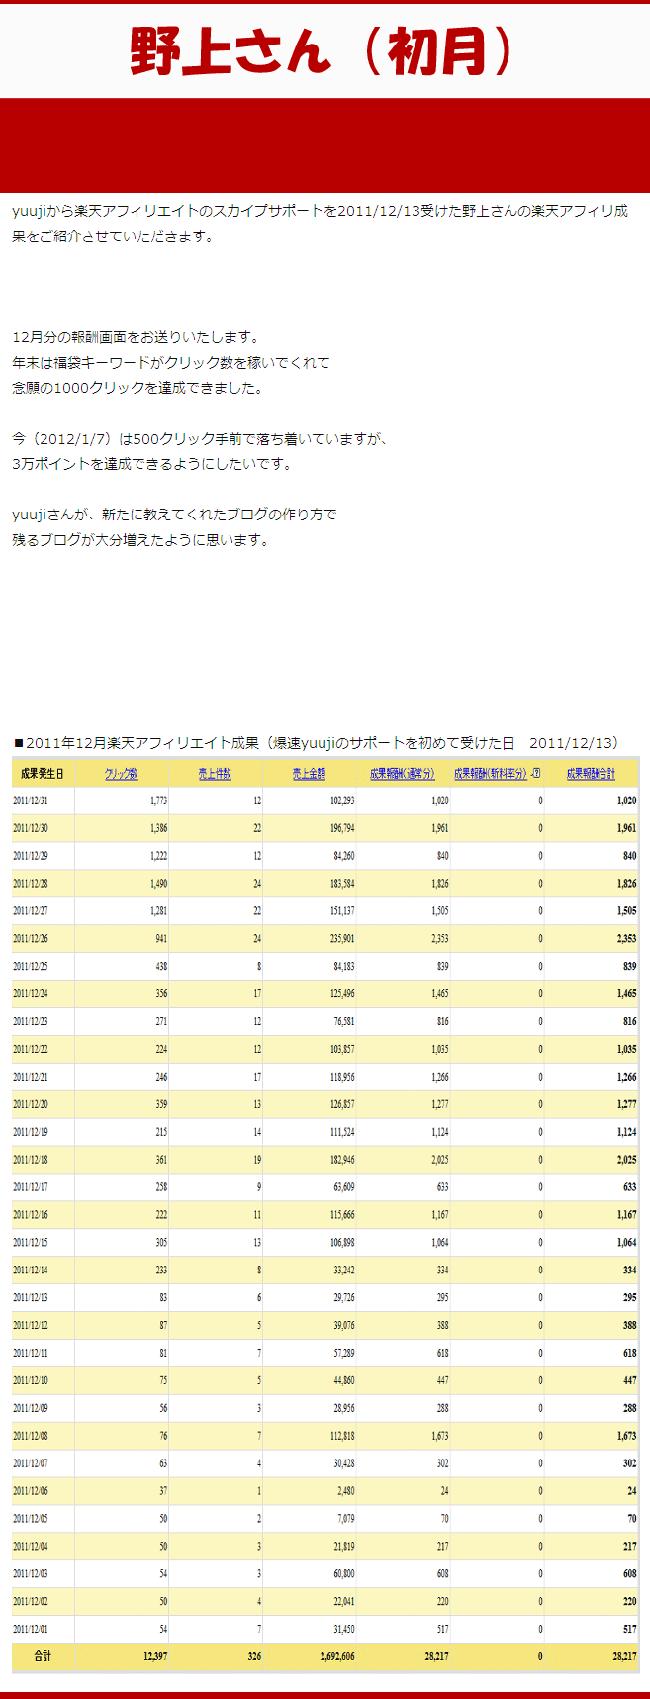 「楽天アフィリエイト報酬初月画像」nogami